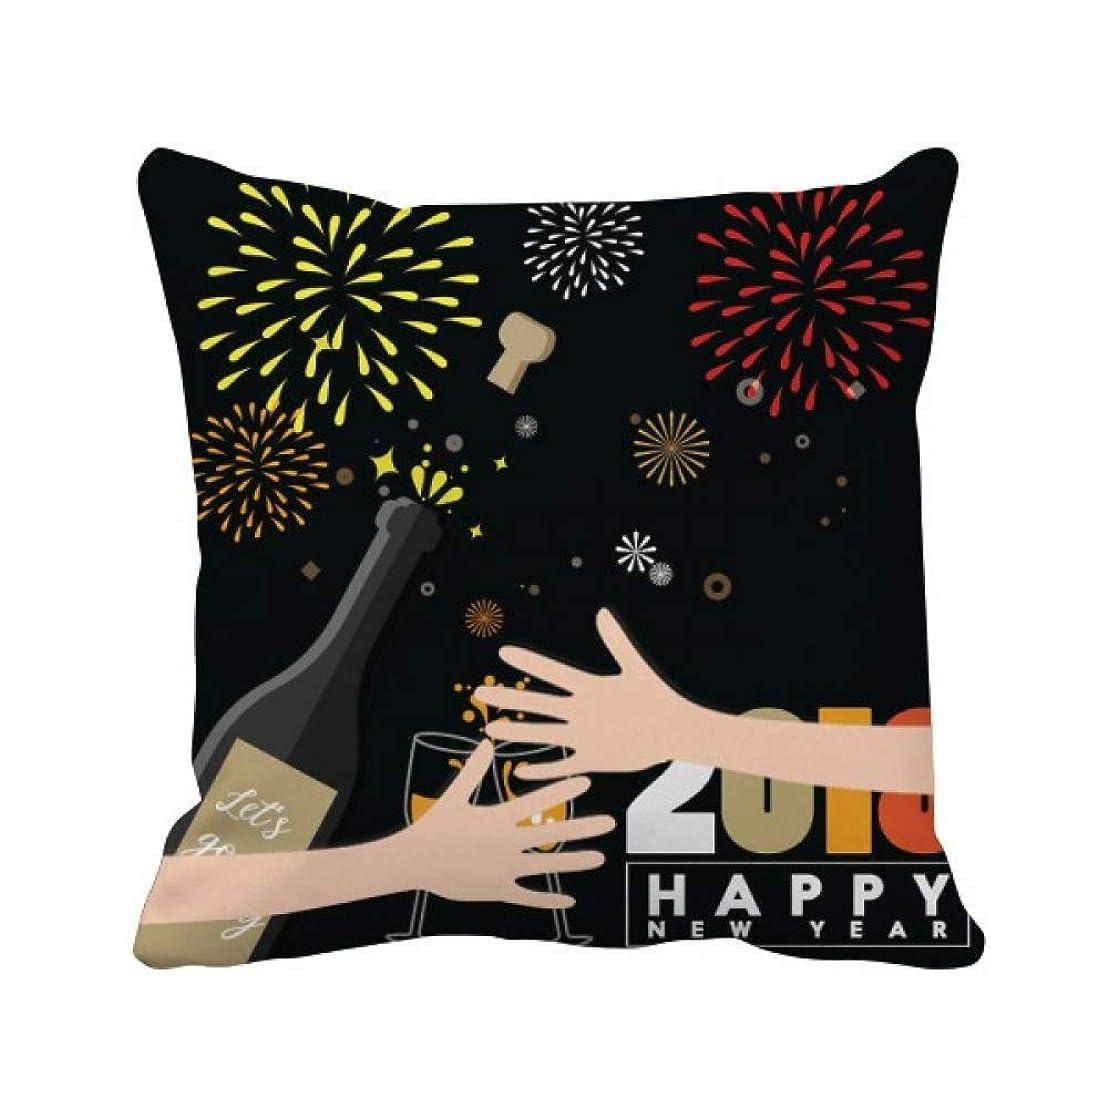 不注意火薬死の顎2018年のアルコールのワイングラスの花火 枕カバーを放り投げてハグスクエア 50cm x 50cm